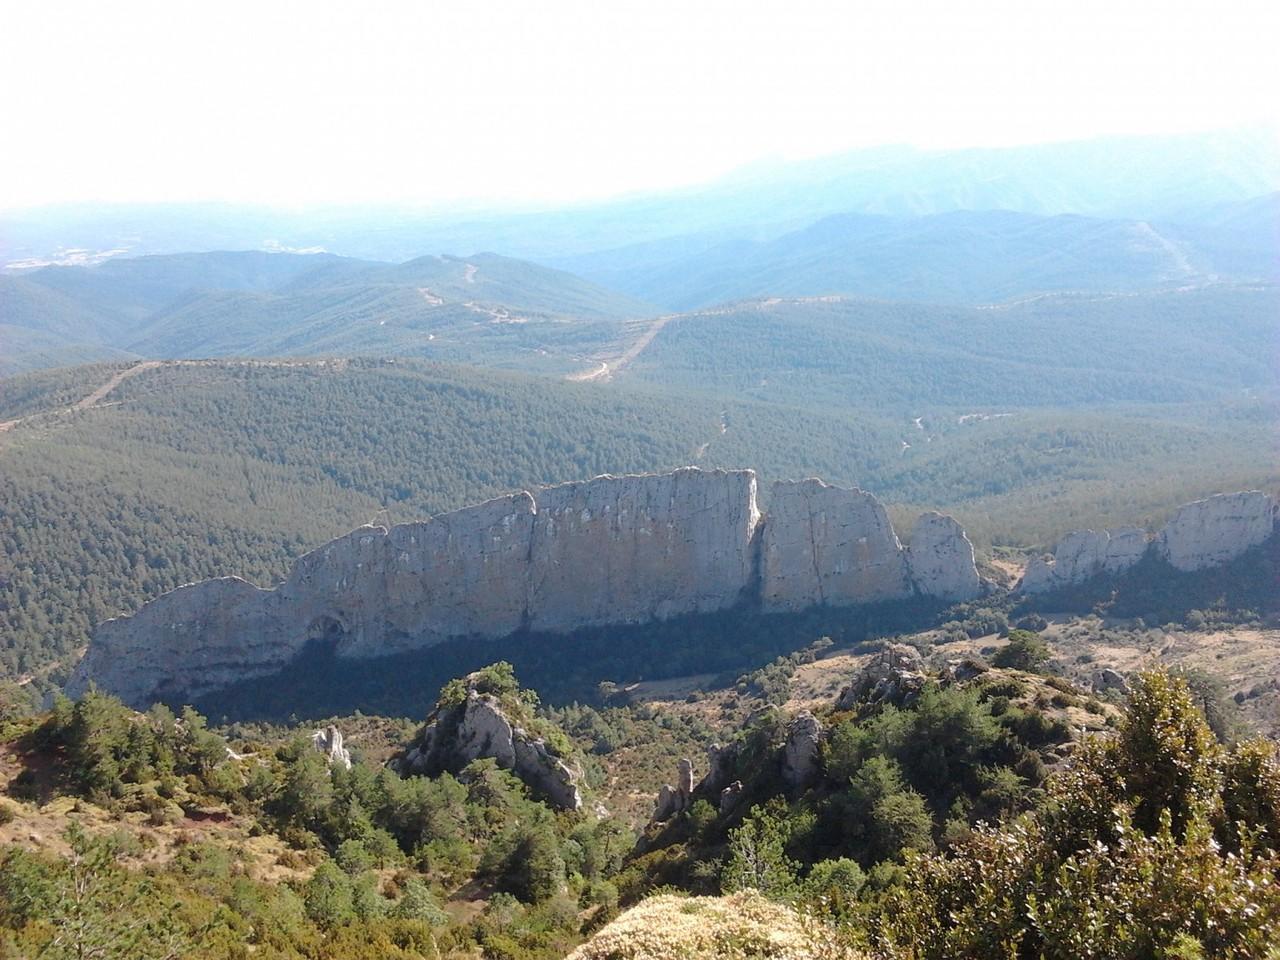 Sierra Vaquero